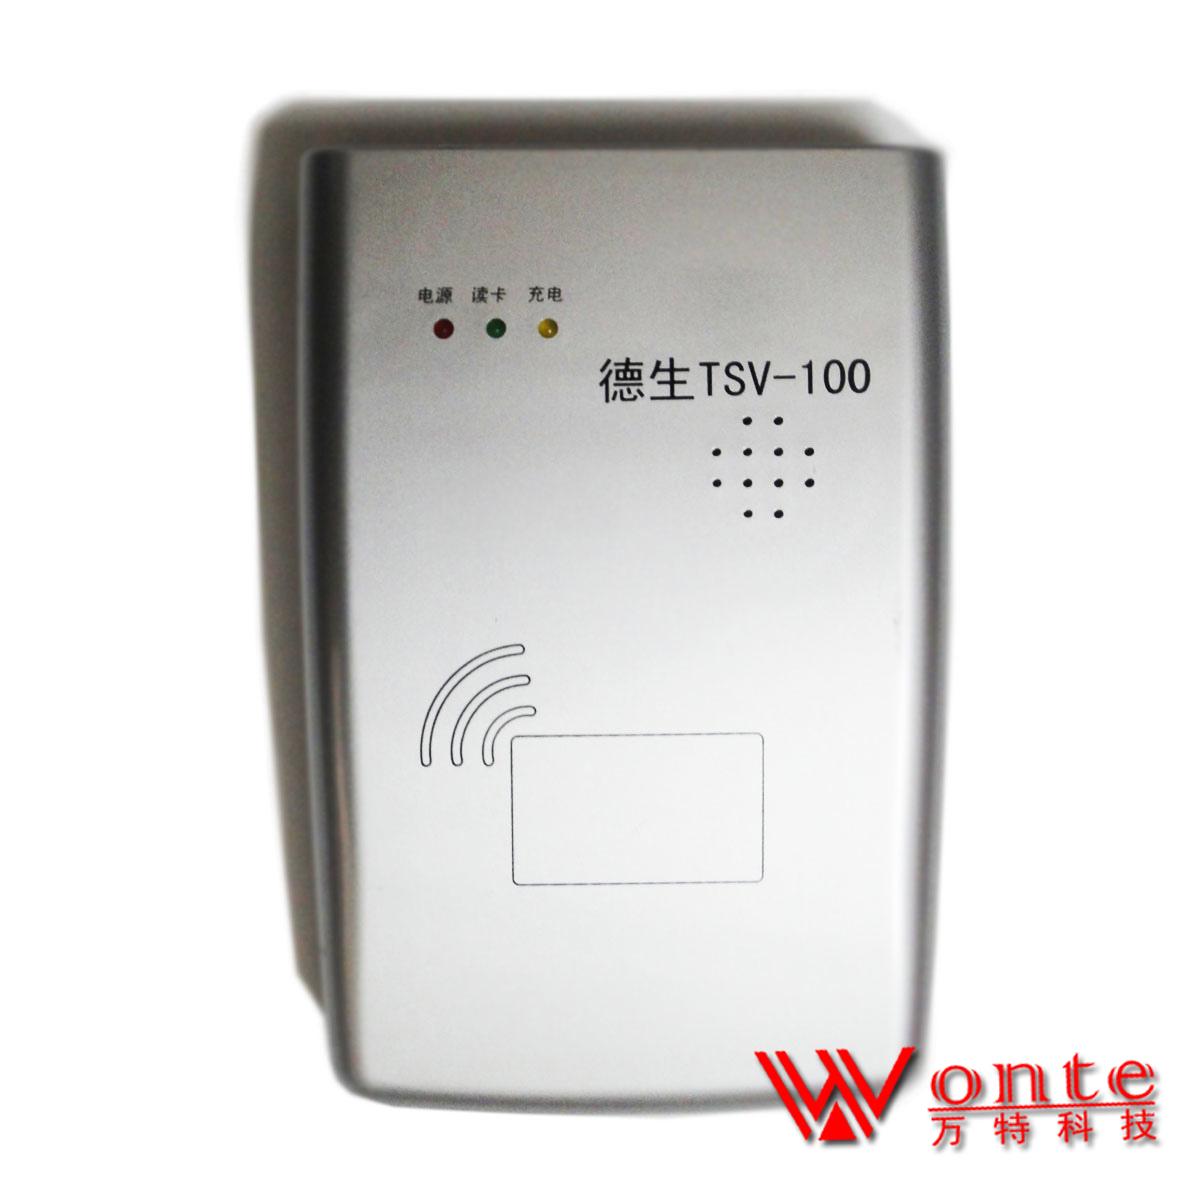 身份证验证机TSV-100支持语音播报(手持脱机型)